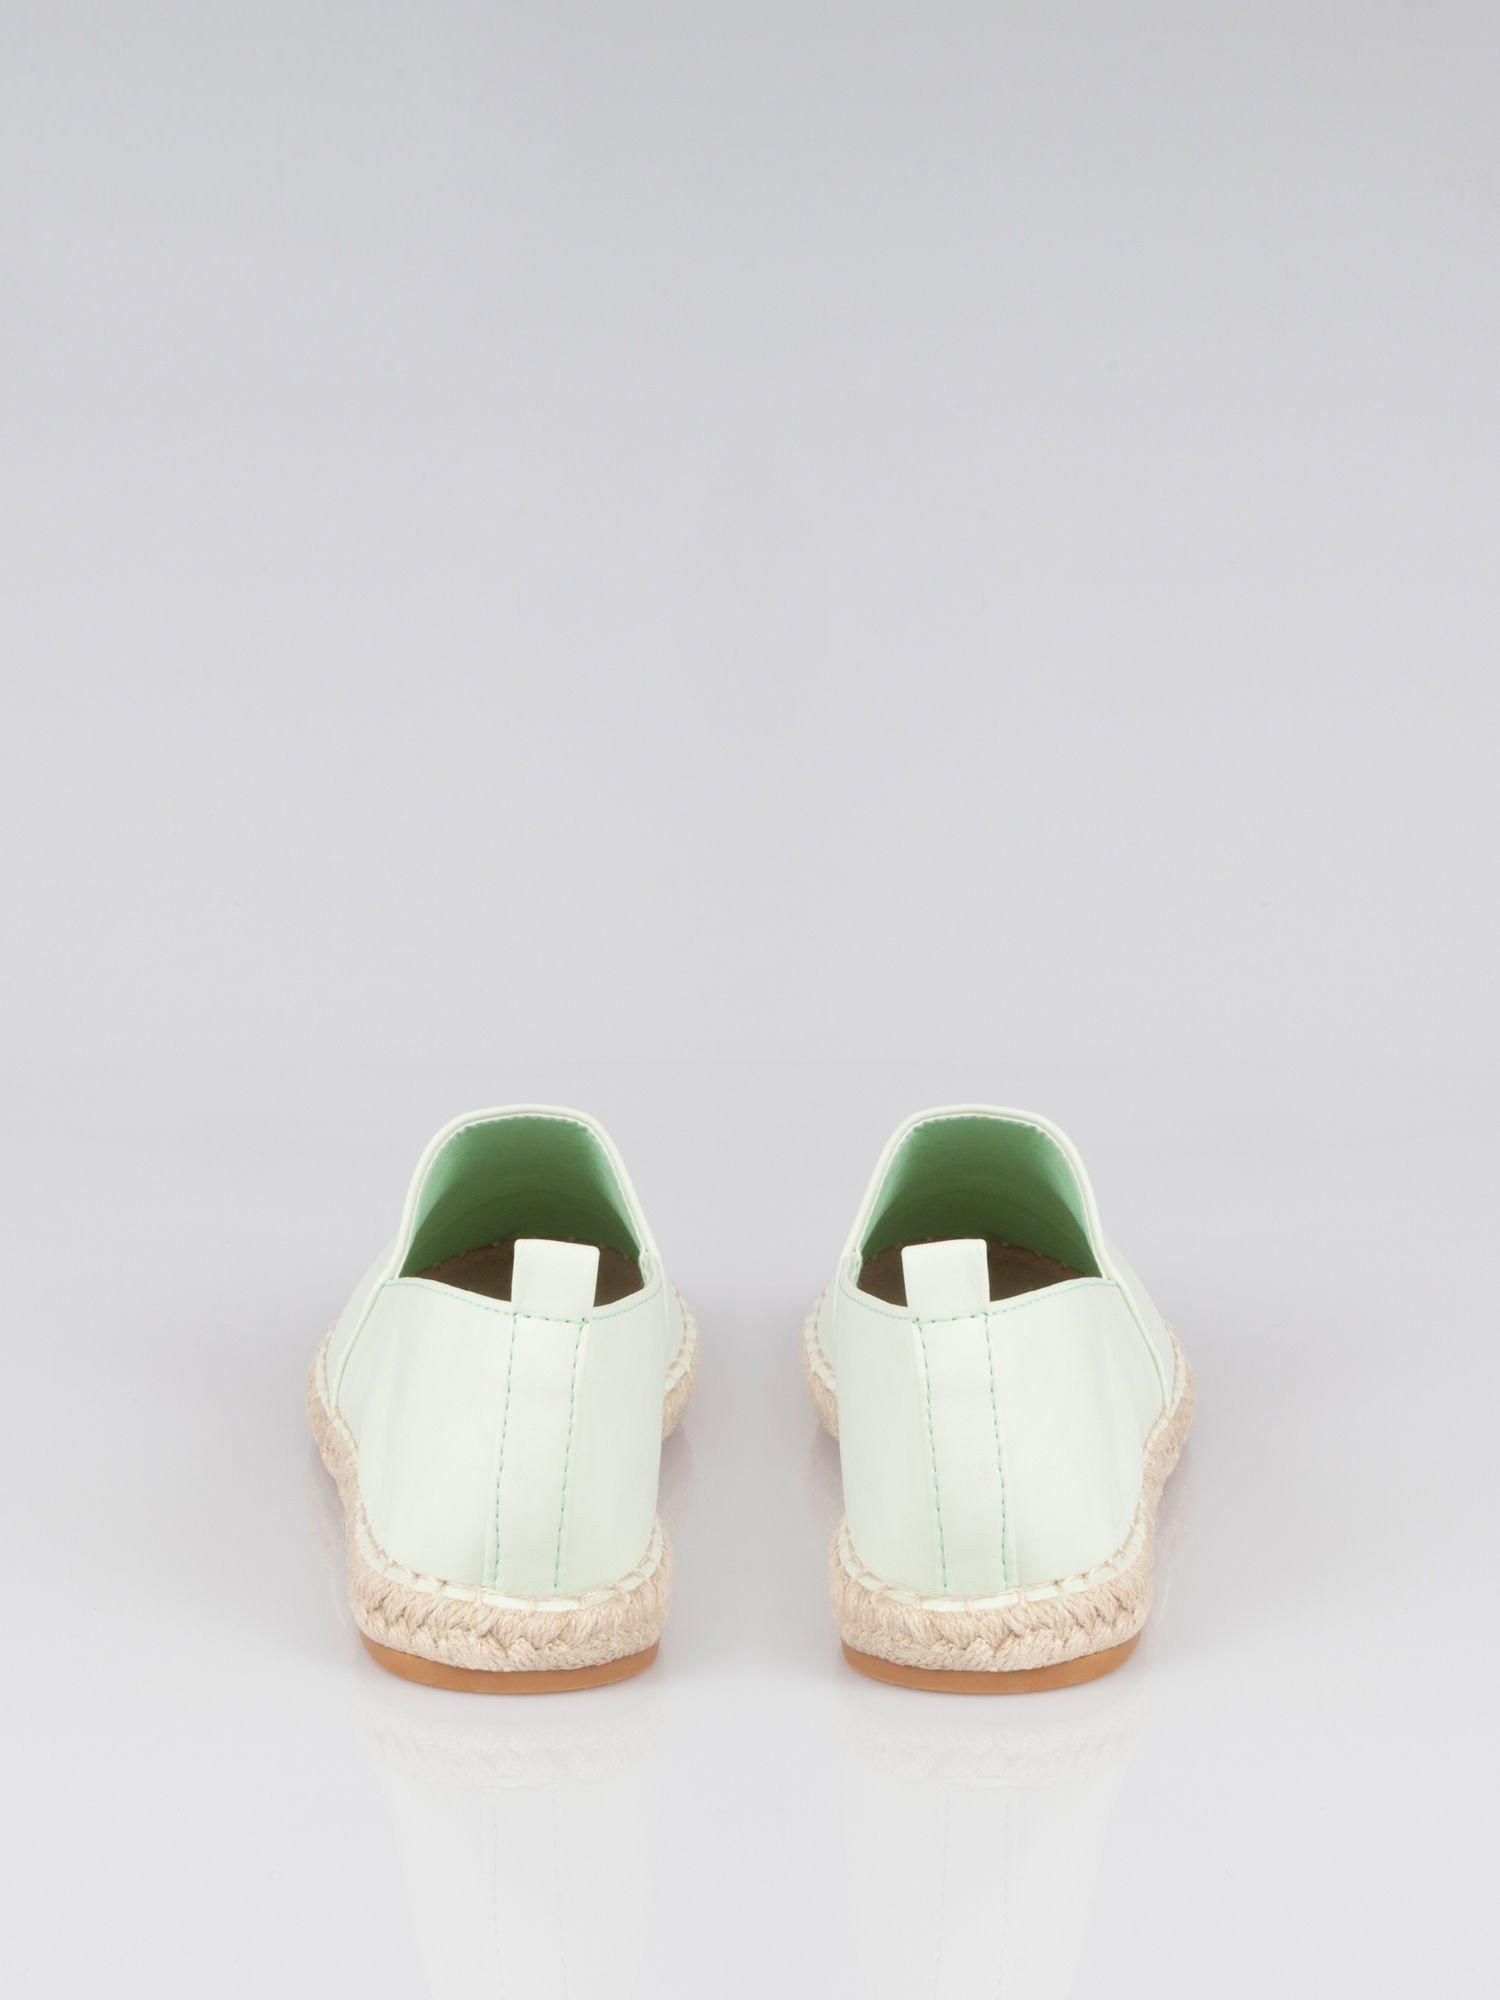 Pastelowozielone klasyczne espadryle Lofty Swag cap toe                                  zdj.                                  2